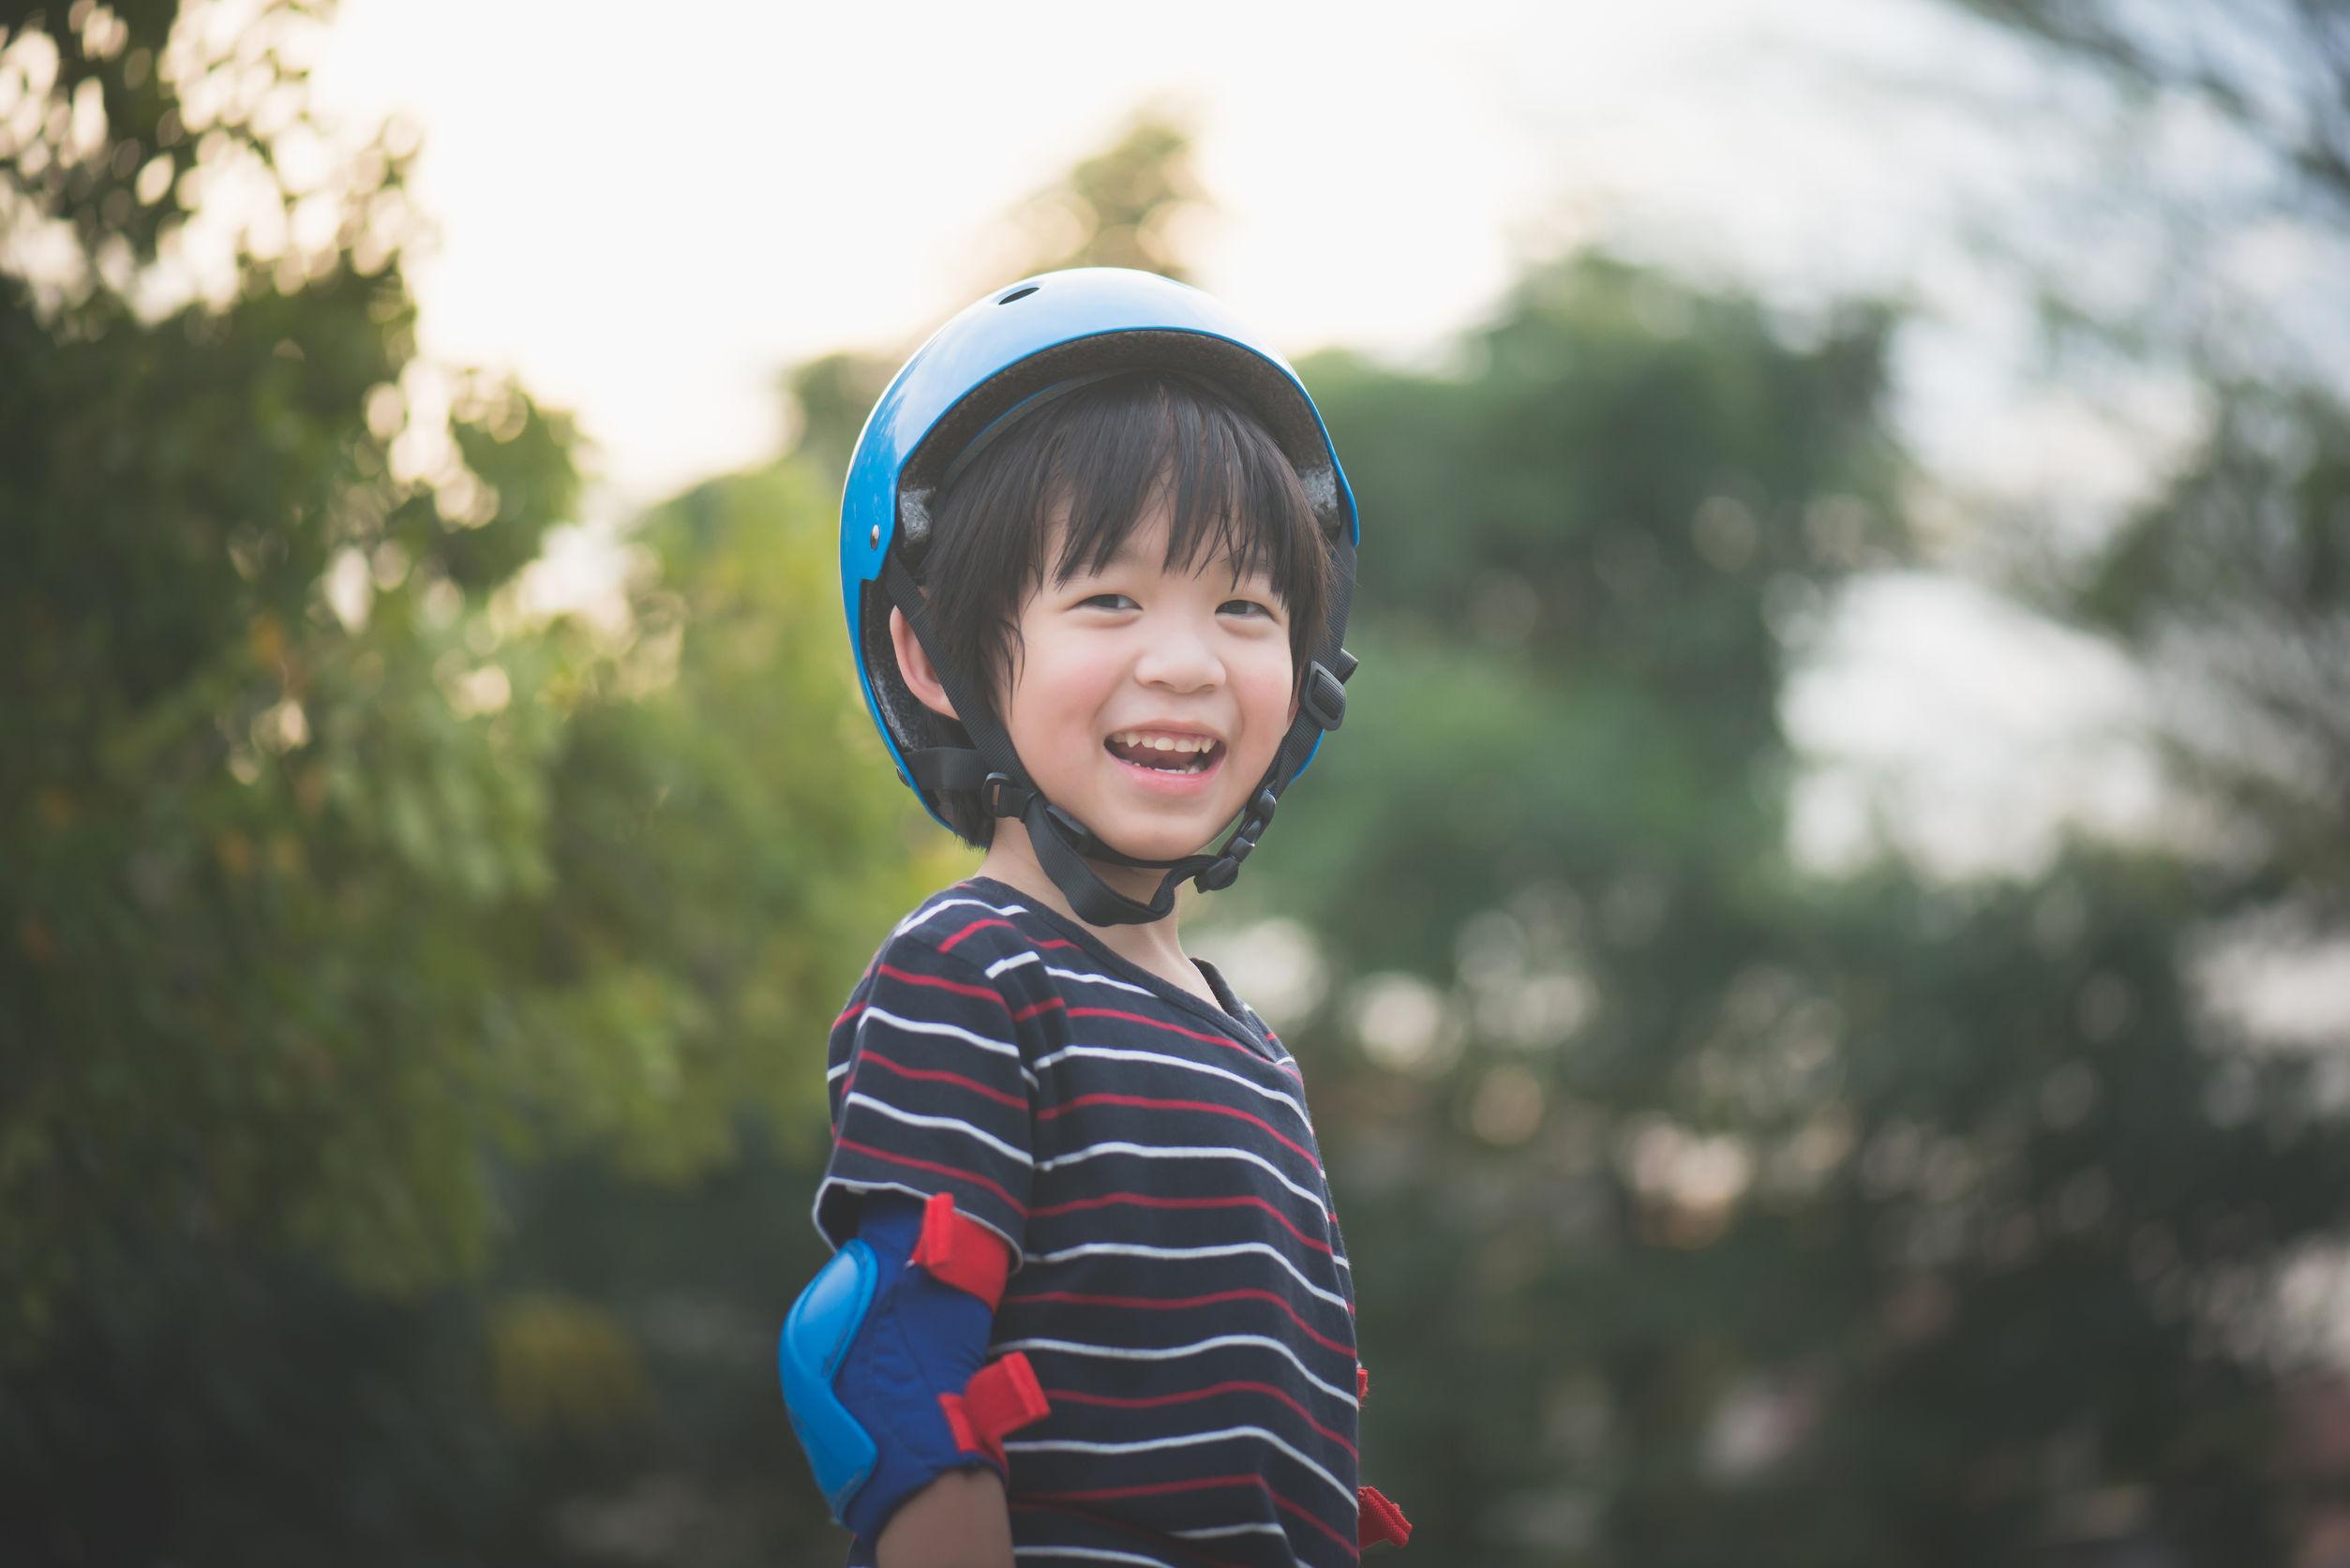 Fahrradhelm für Kinder: Test & Empfehlungen (09/20)